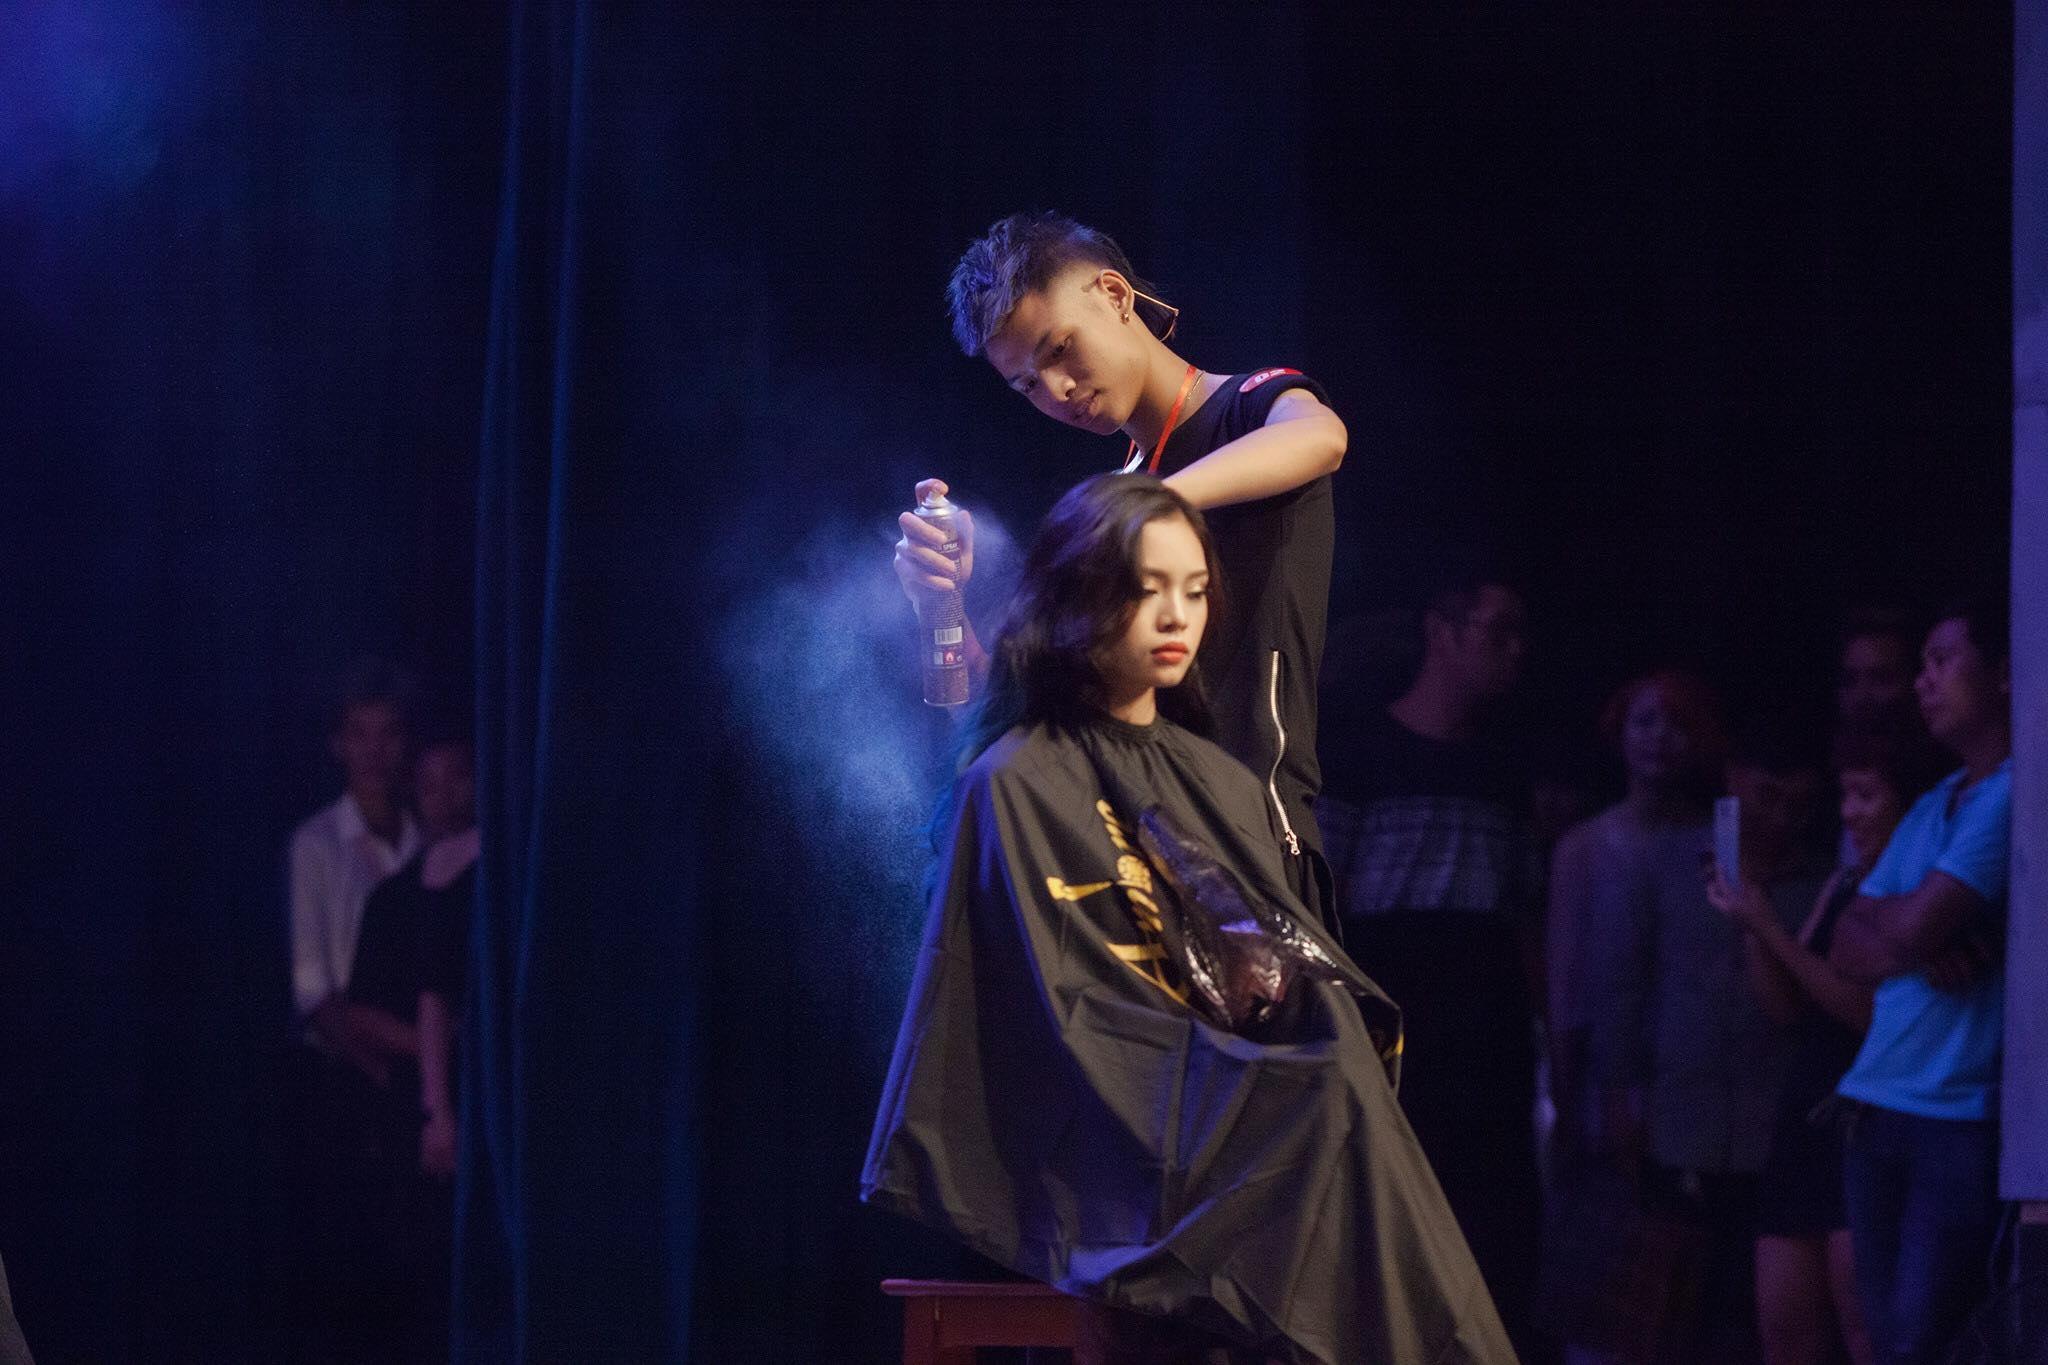 Chủ nhân Giải nhất Cây kéo vàng Đất Việt 2018 - Chàng trai 9x khởi nghiệp từ trông coi tiệm net - Ảnh 3.